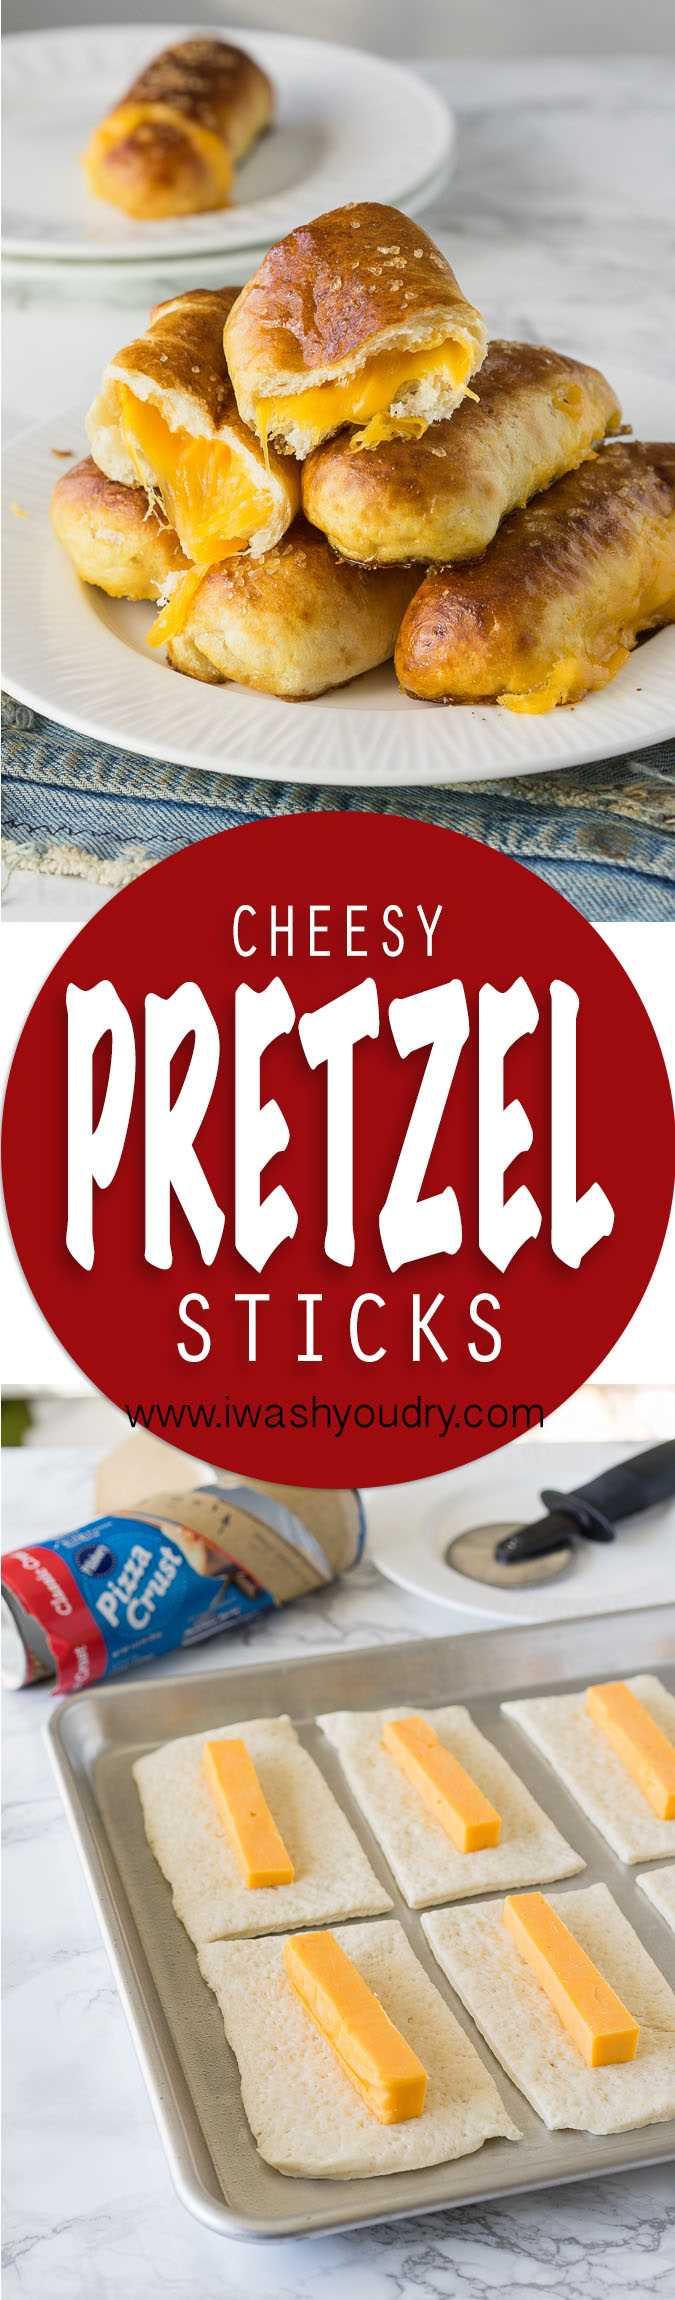 Estos palitos de pretzel con queso son pretzels suaves rellenos de queso y solo 5 ingredientes simples. ¡Listo en menos de 20 minutos!